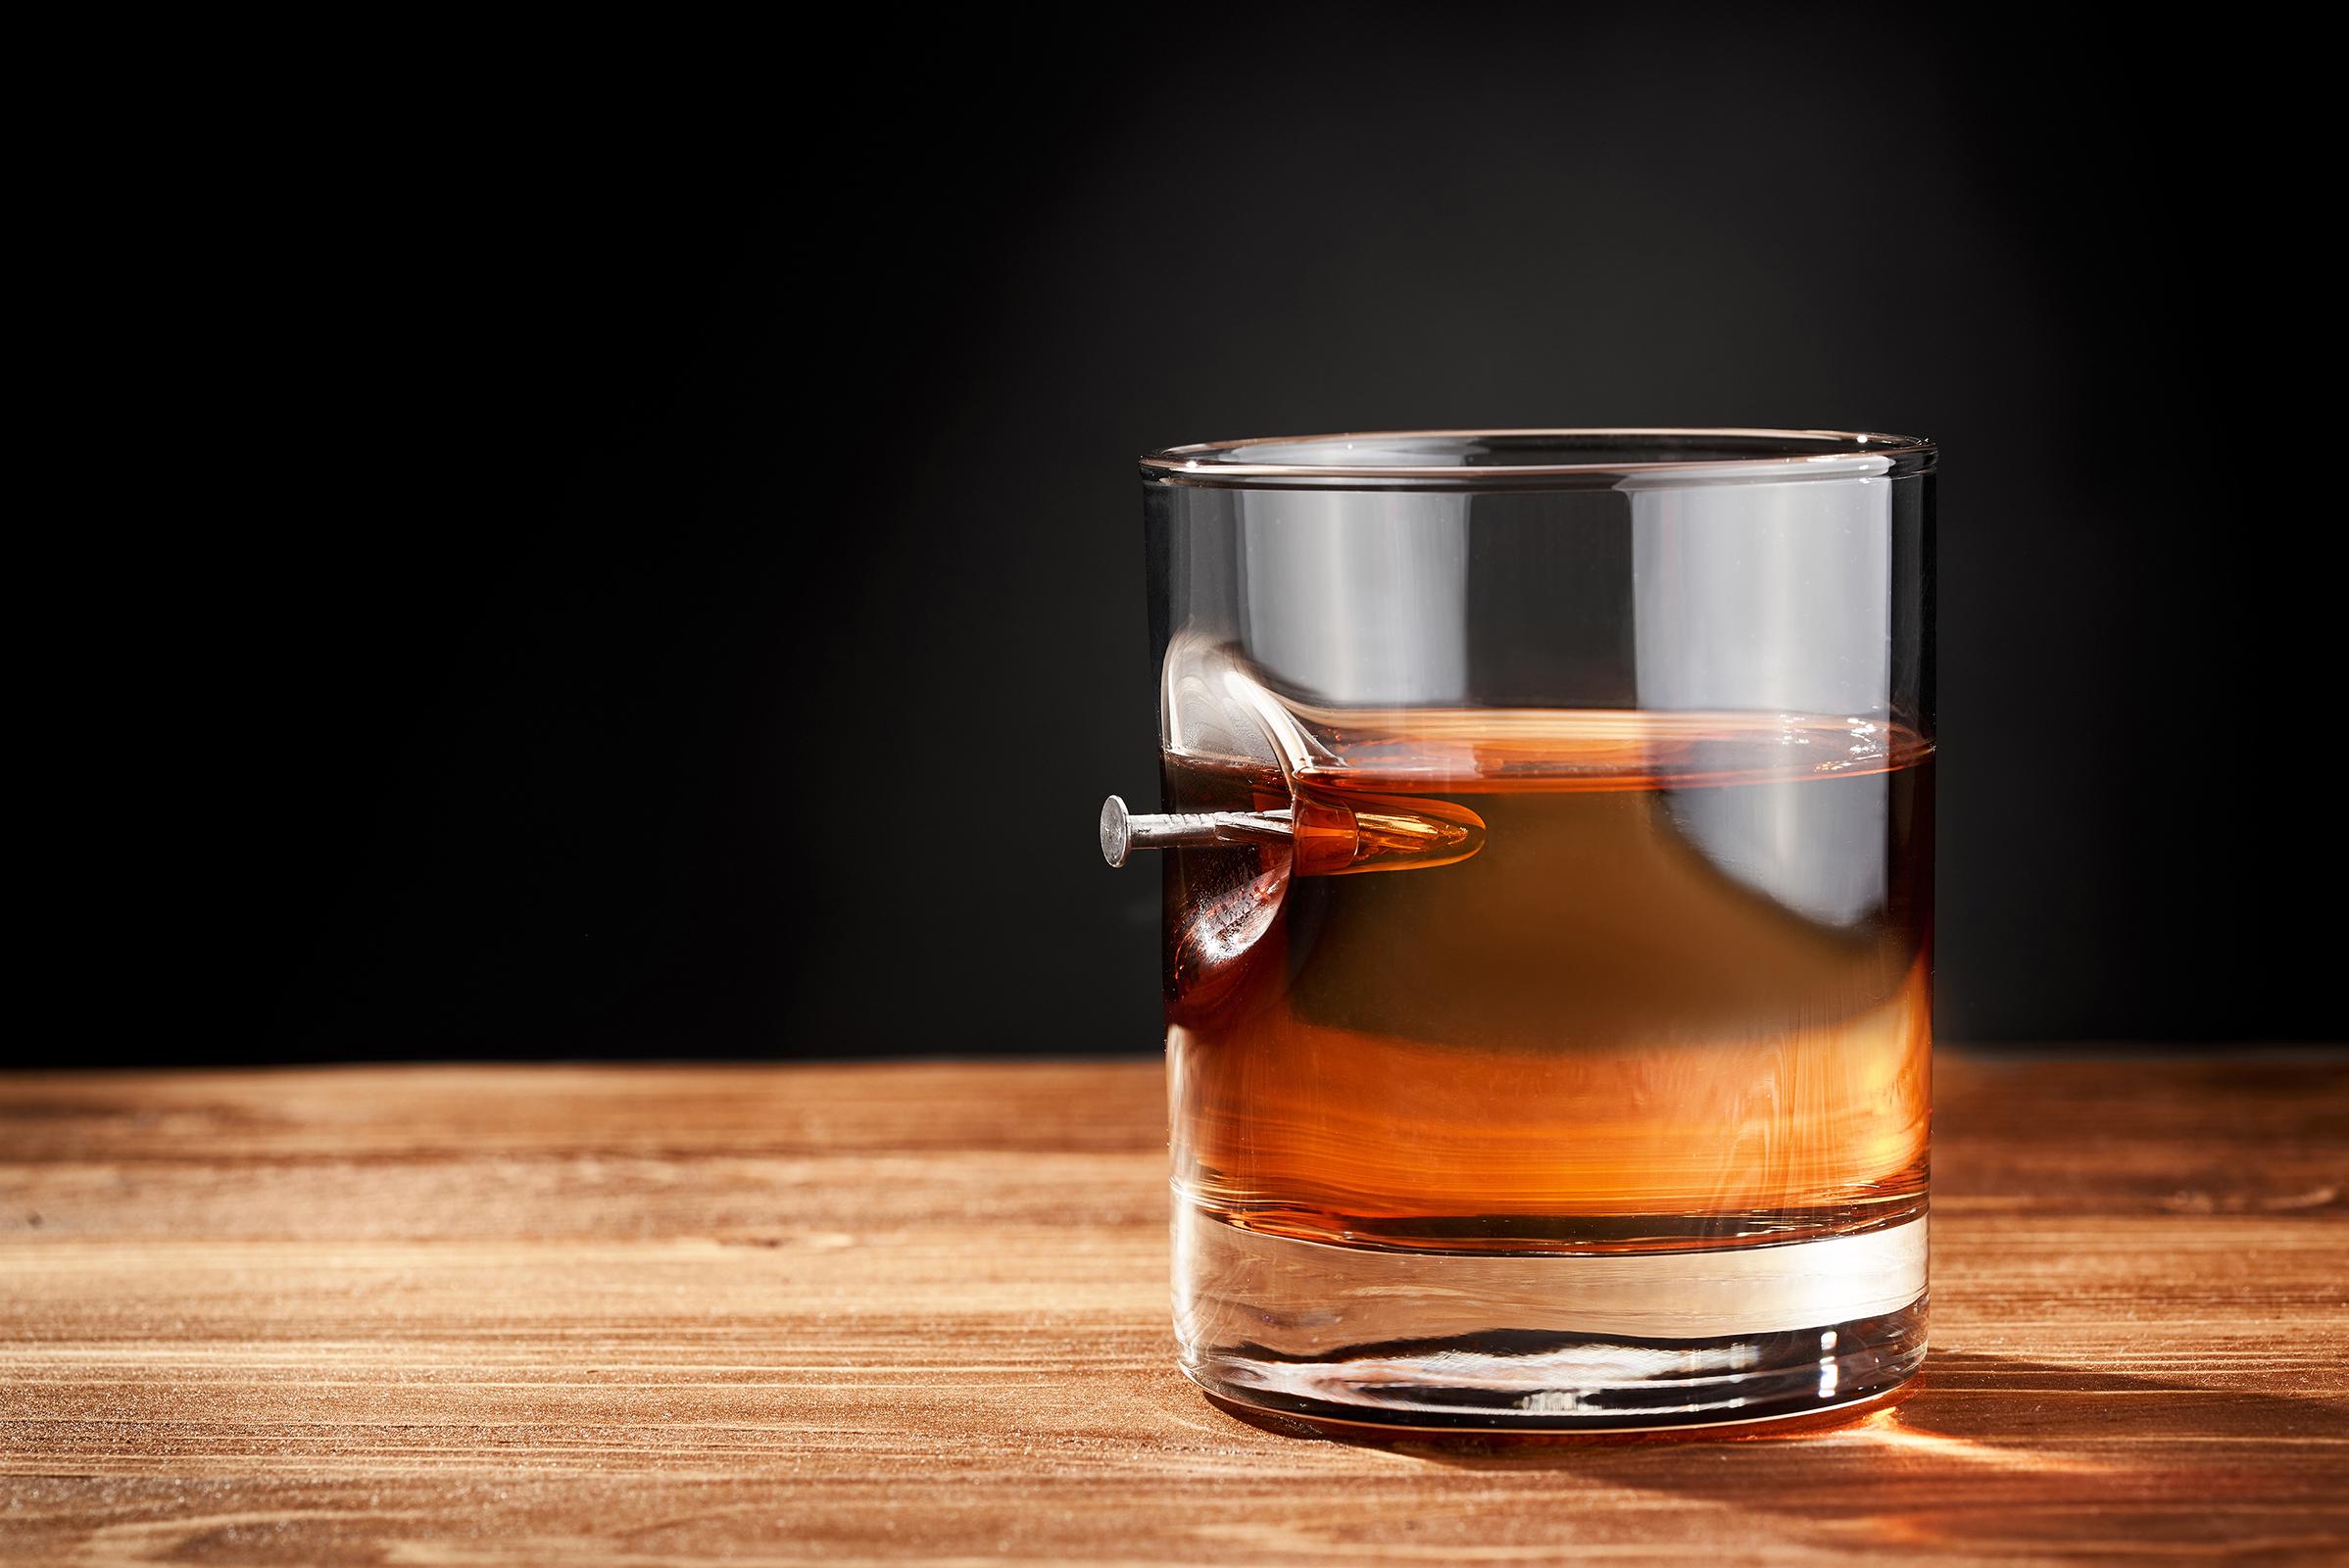 стакан для віскі з гвіздком в деревяному тубусі